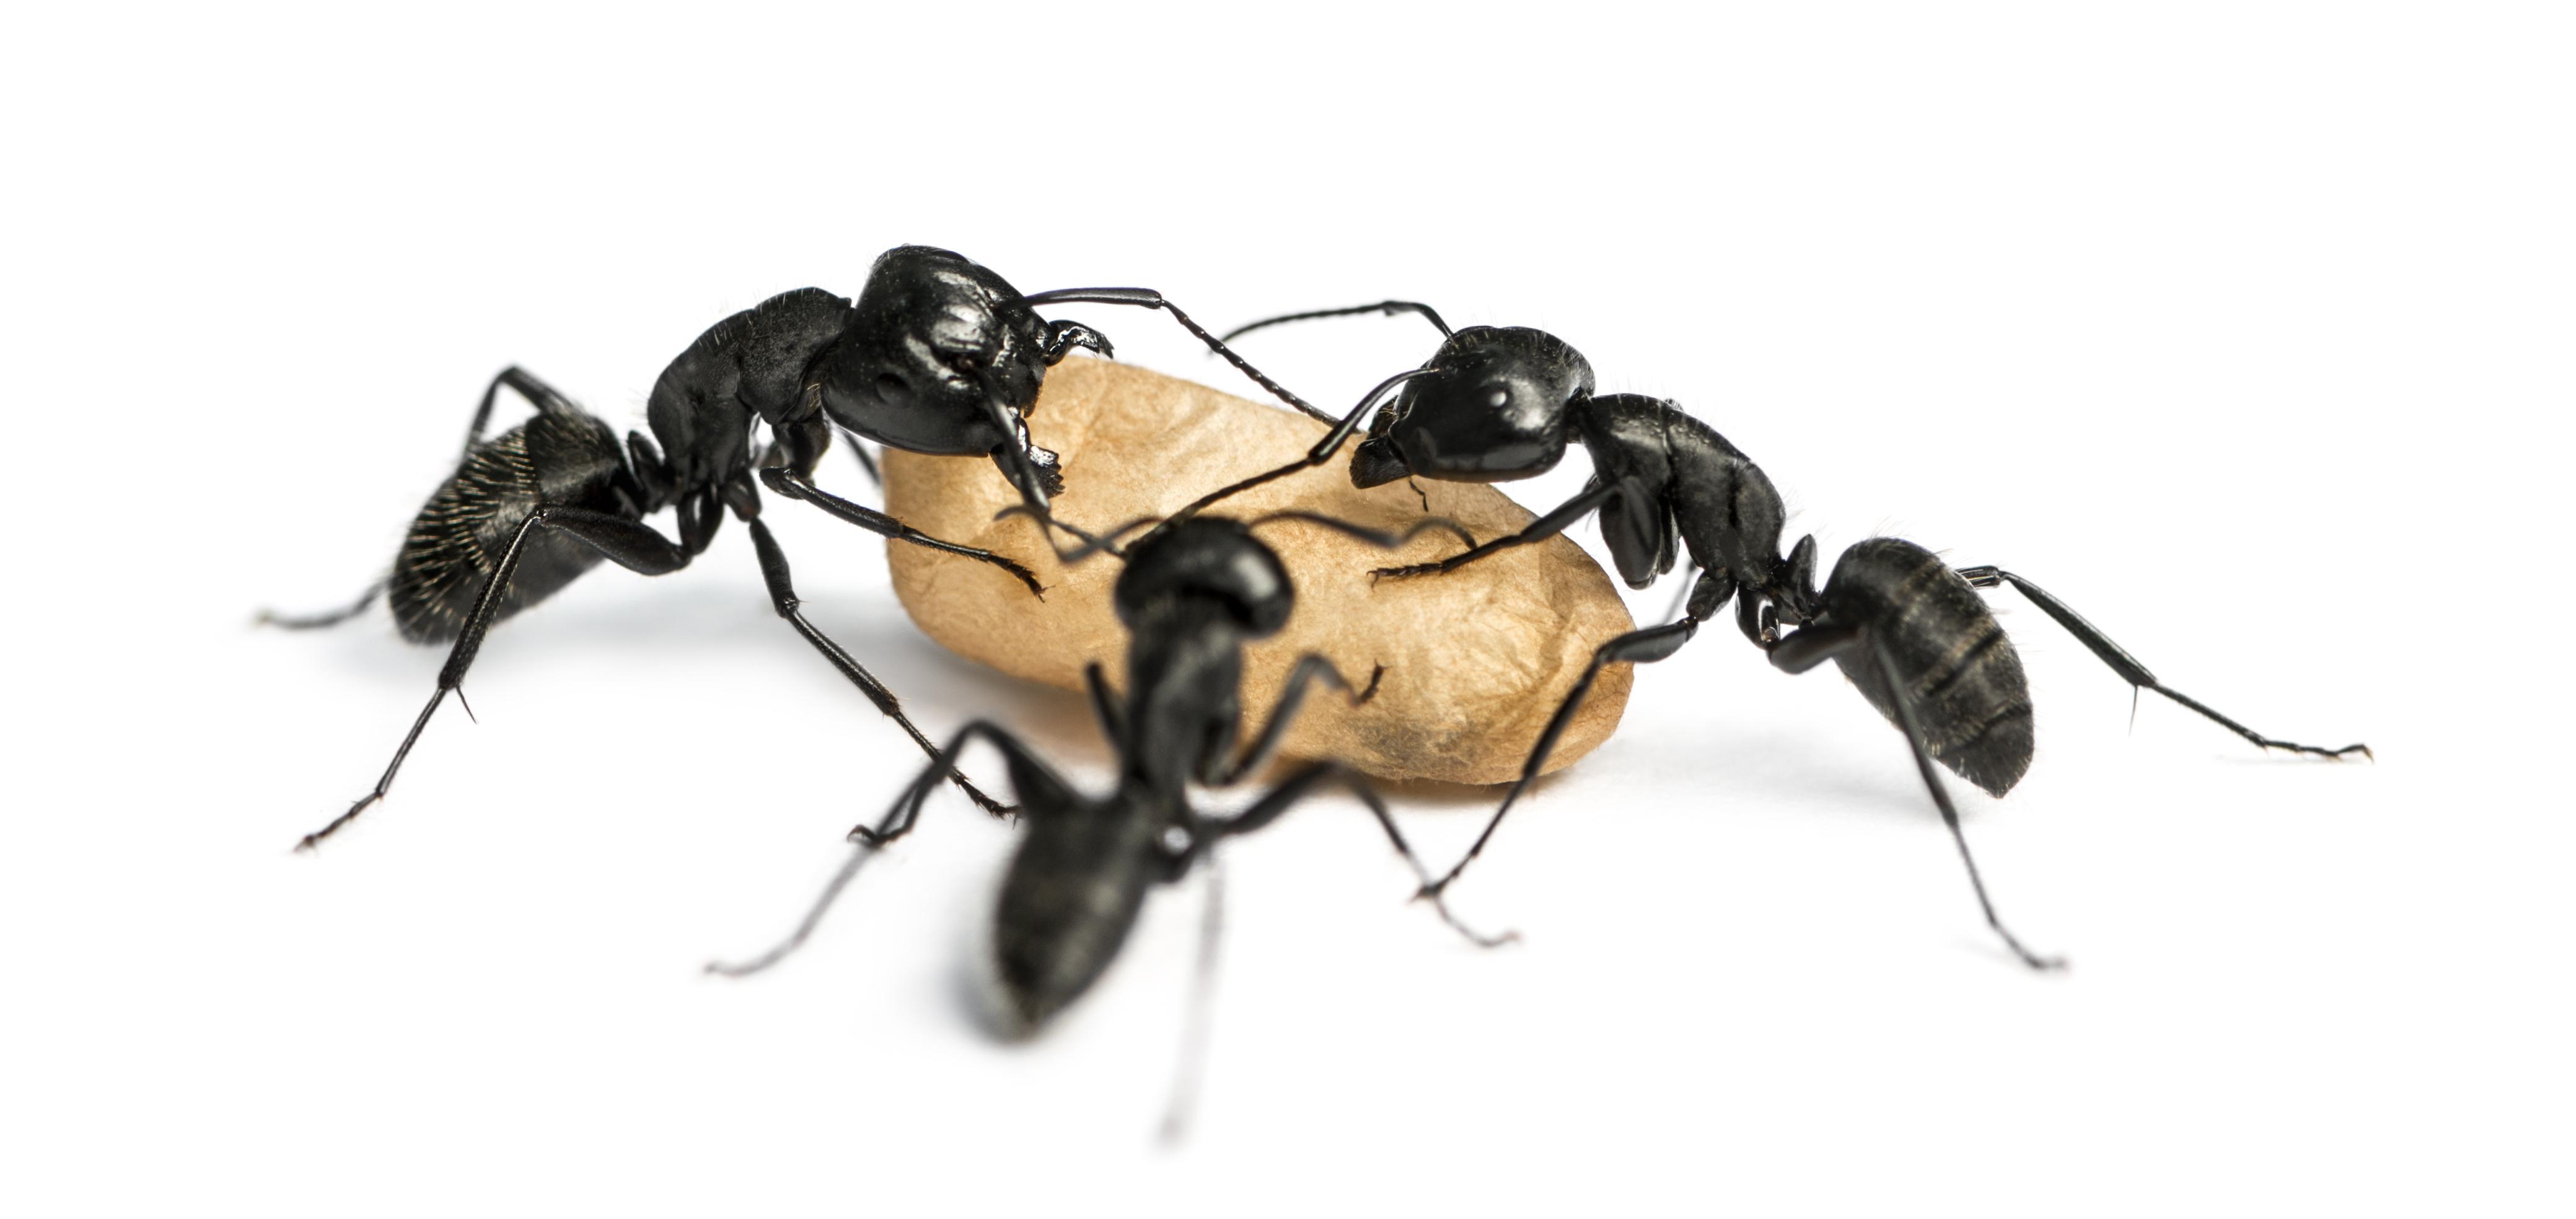 Carpenter Ants in Georgia